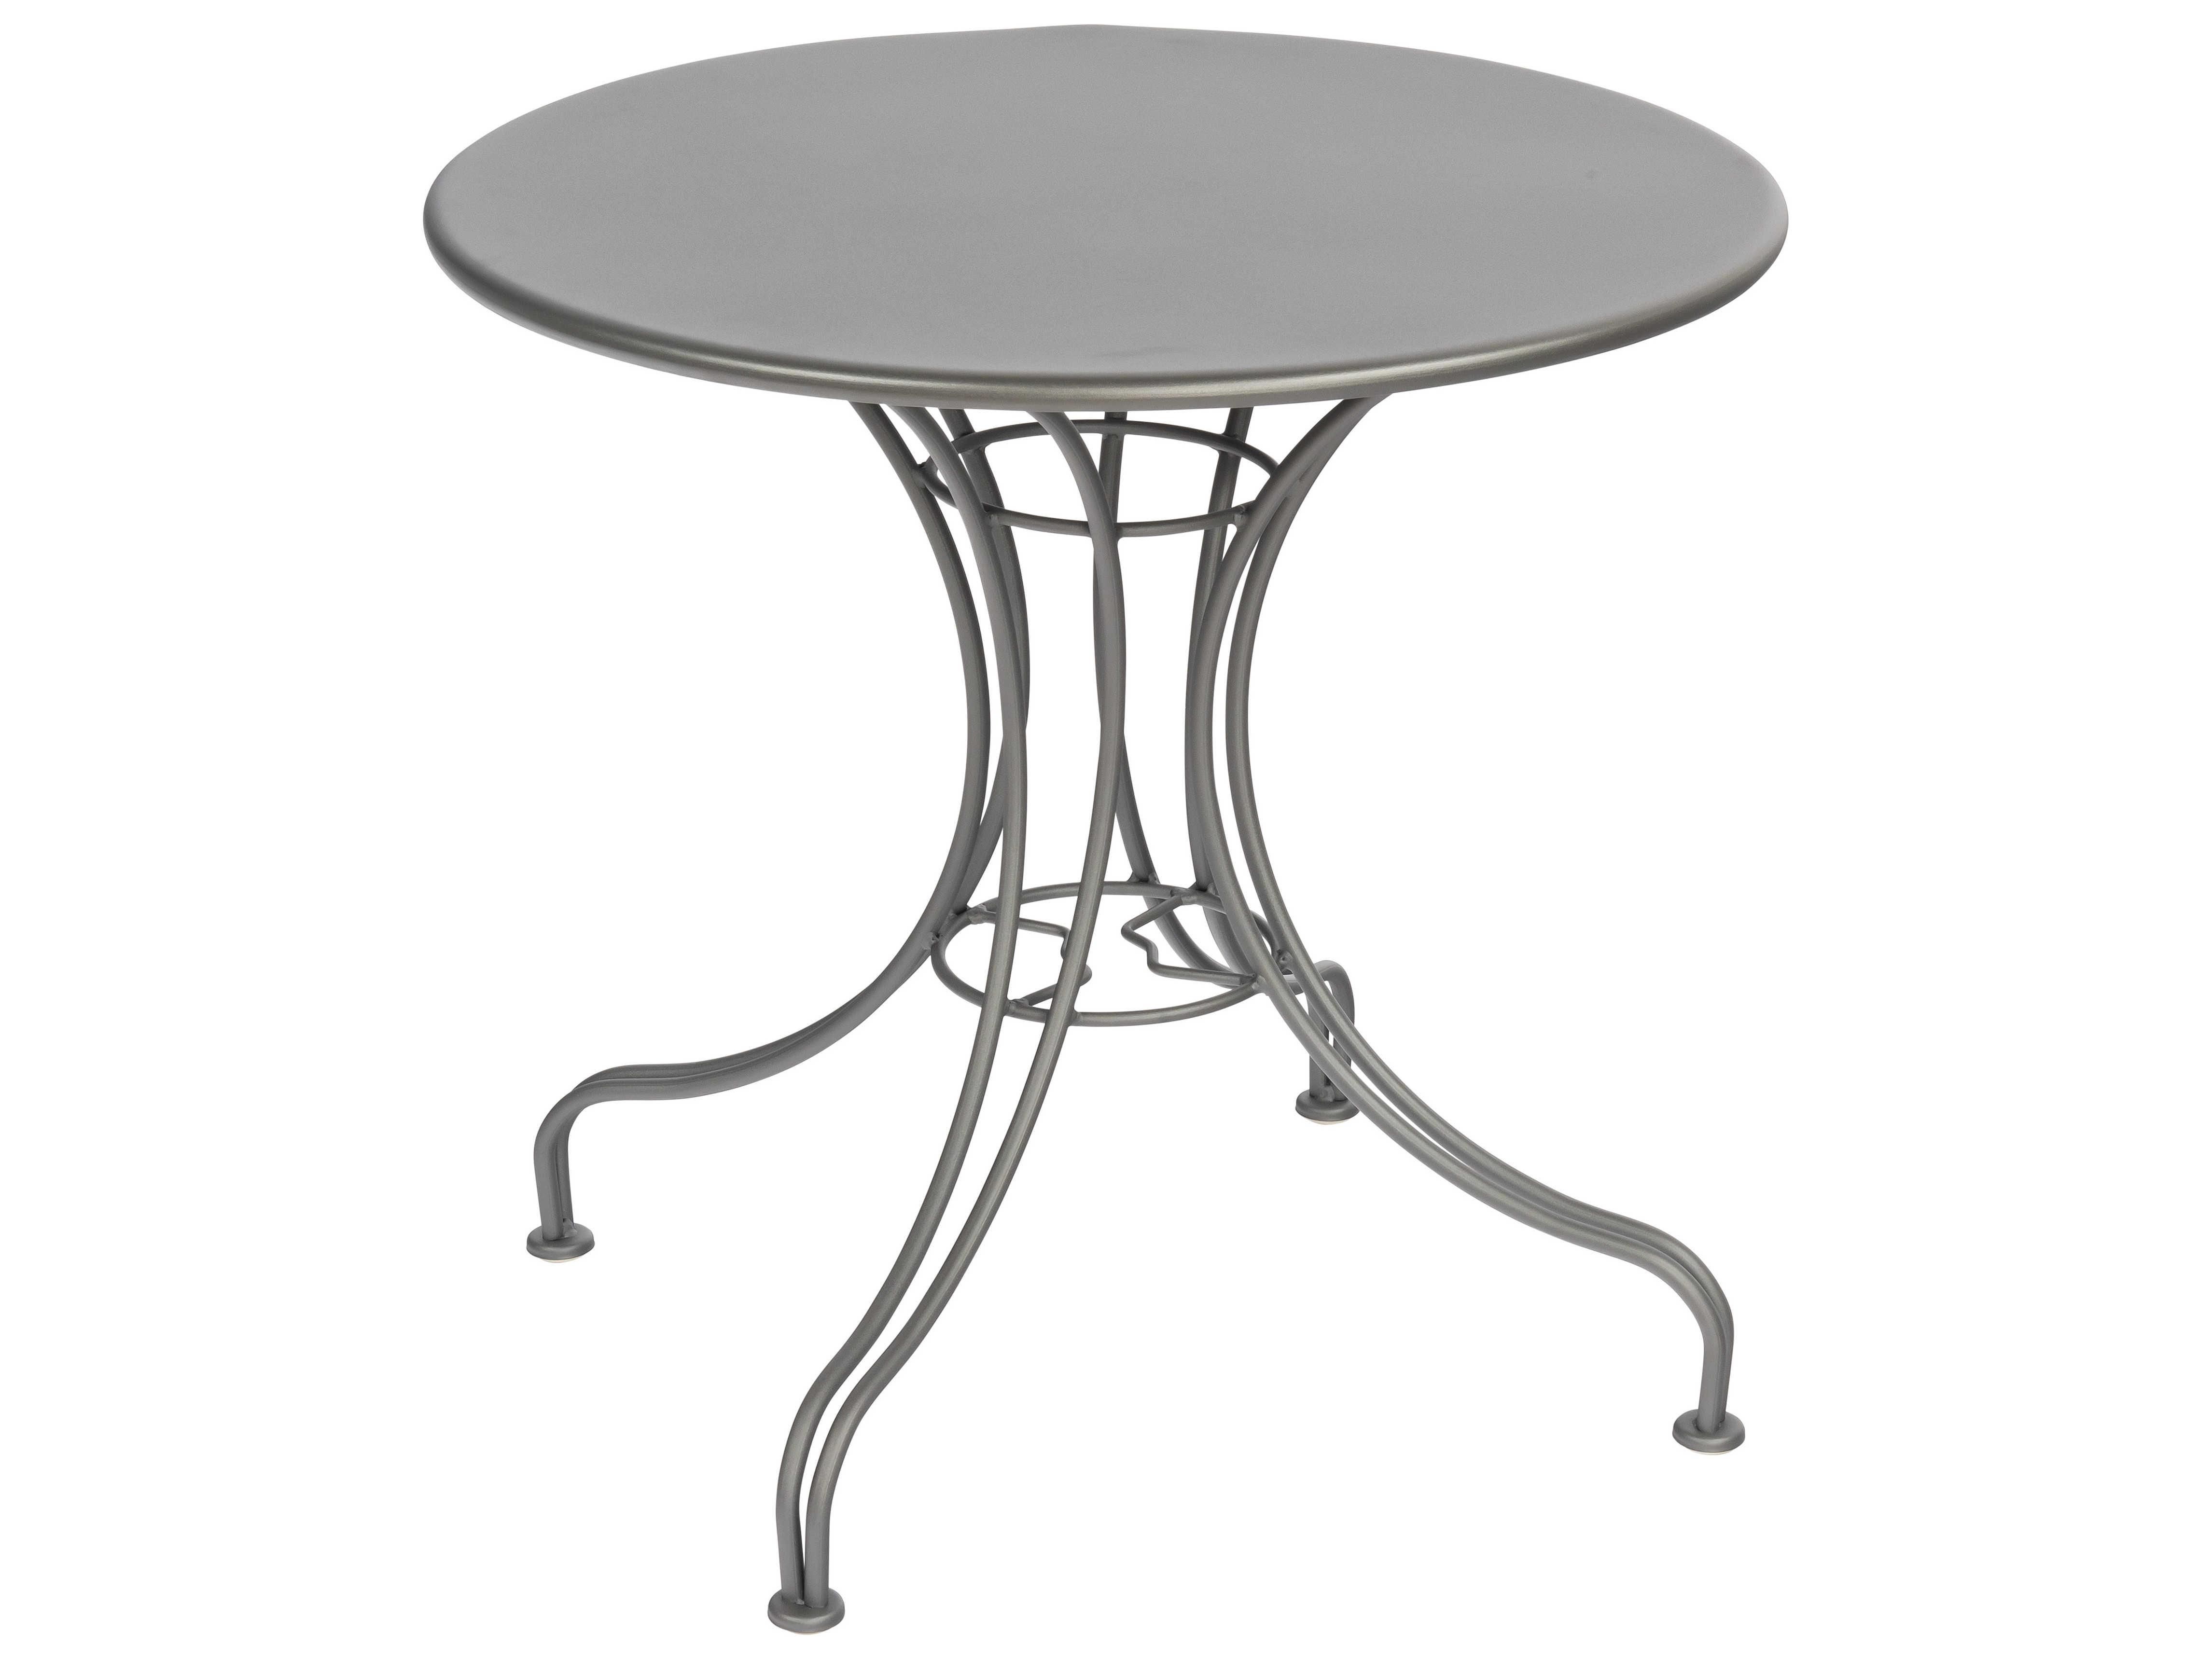 Woodard Wrought Iron 30 Round Bistro Table